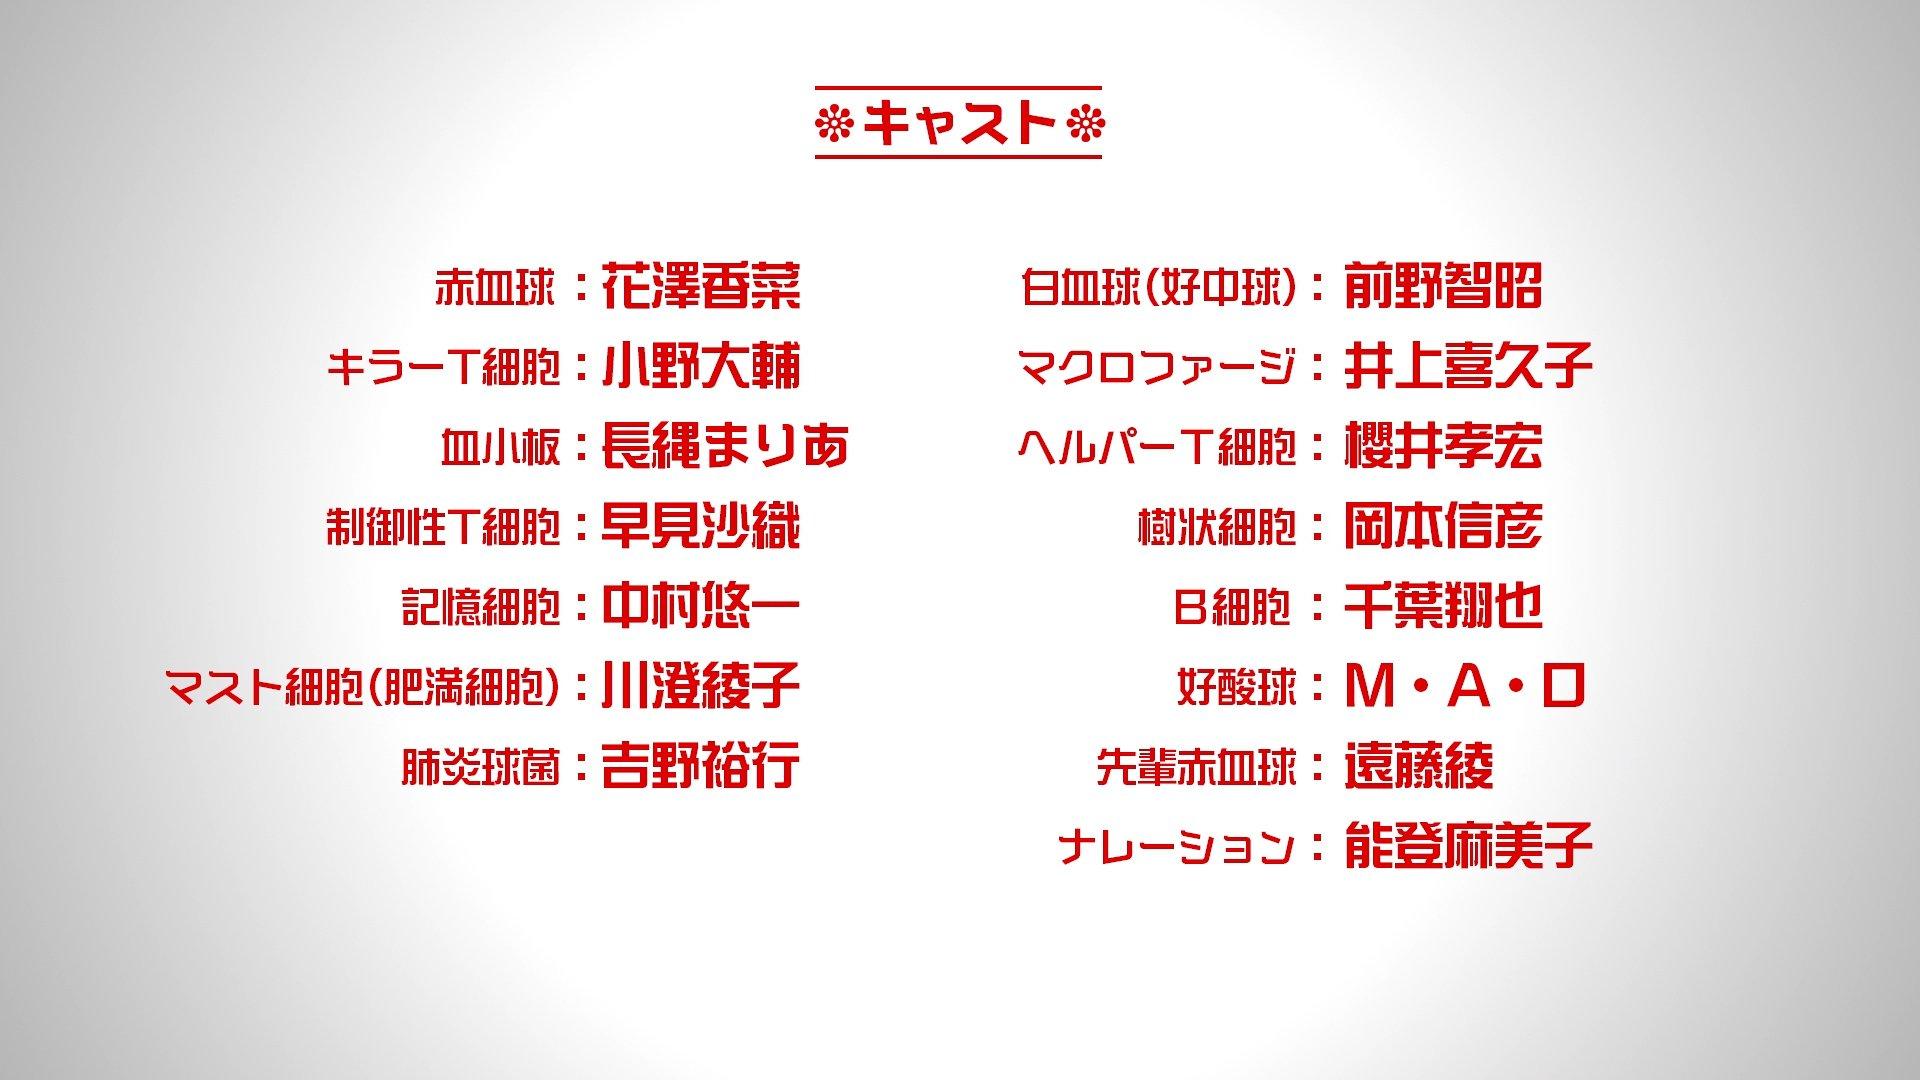 漫改新番动画《工作细胞》七月播出,第二弹PV公开-ANICOGA